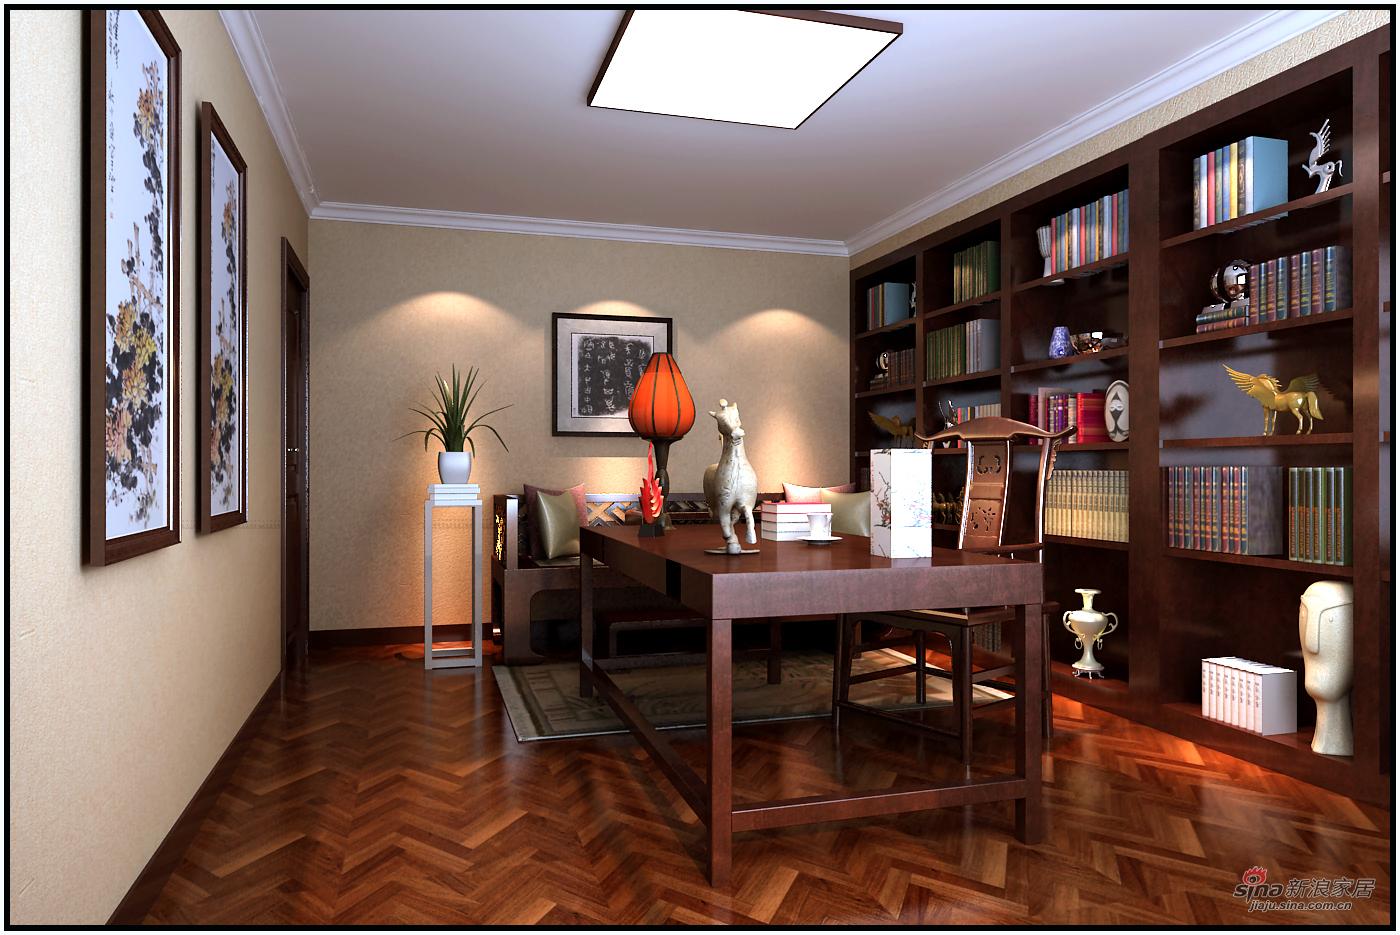 美式 复式 书房图片来自用户1907686233在【高清】180平米奢华欧美风41的分享